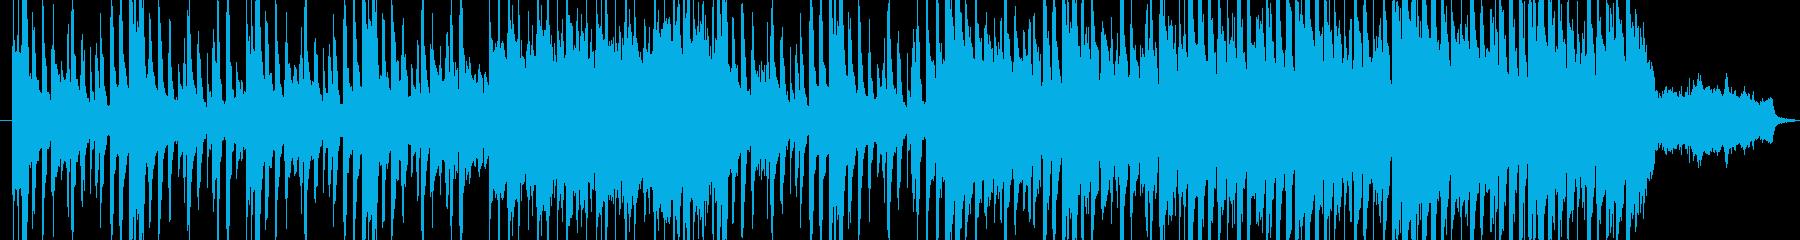 洋館の推理シーンで流れるワルツの再生済みの波形